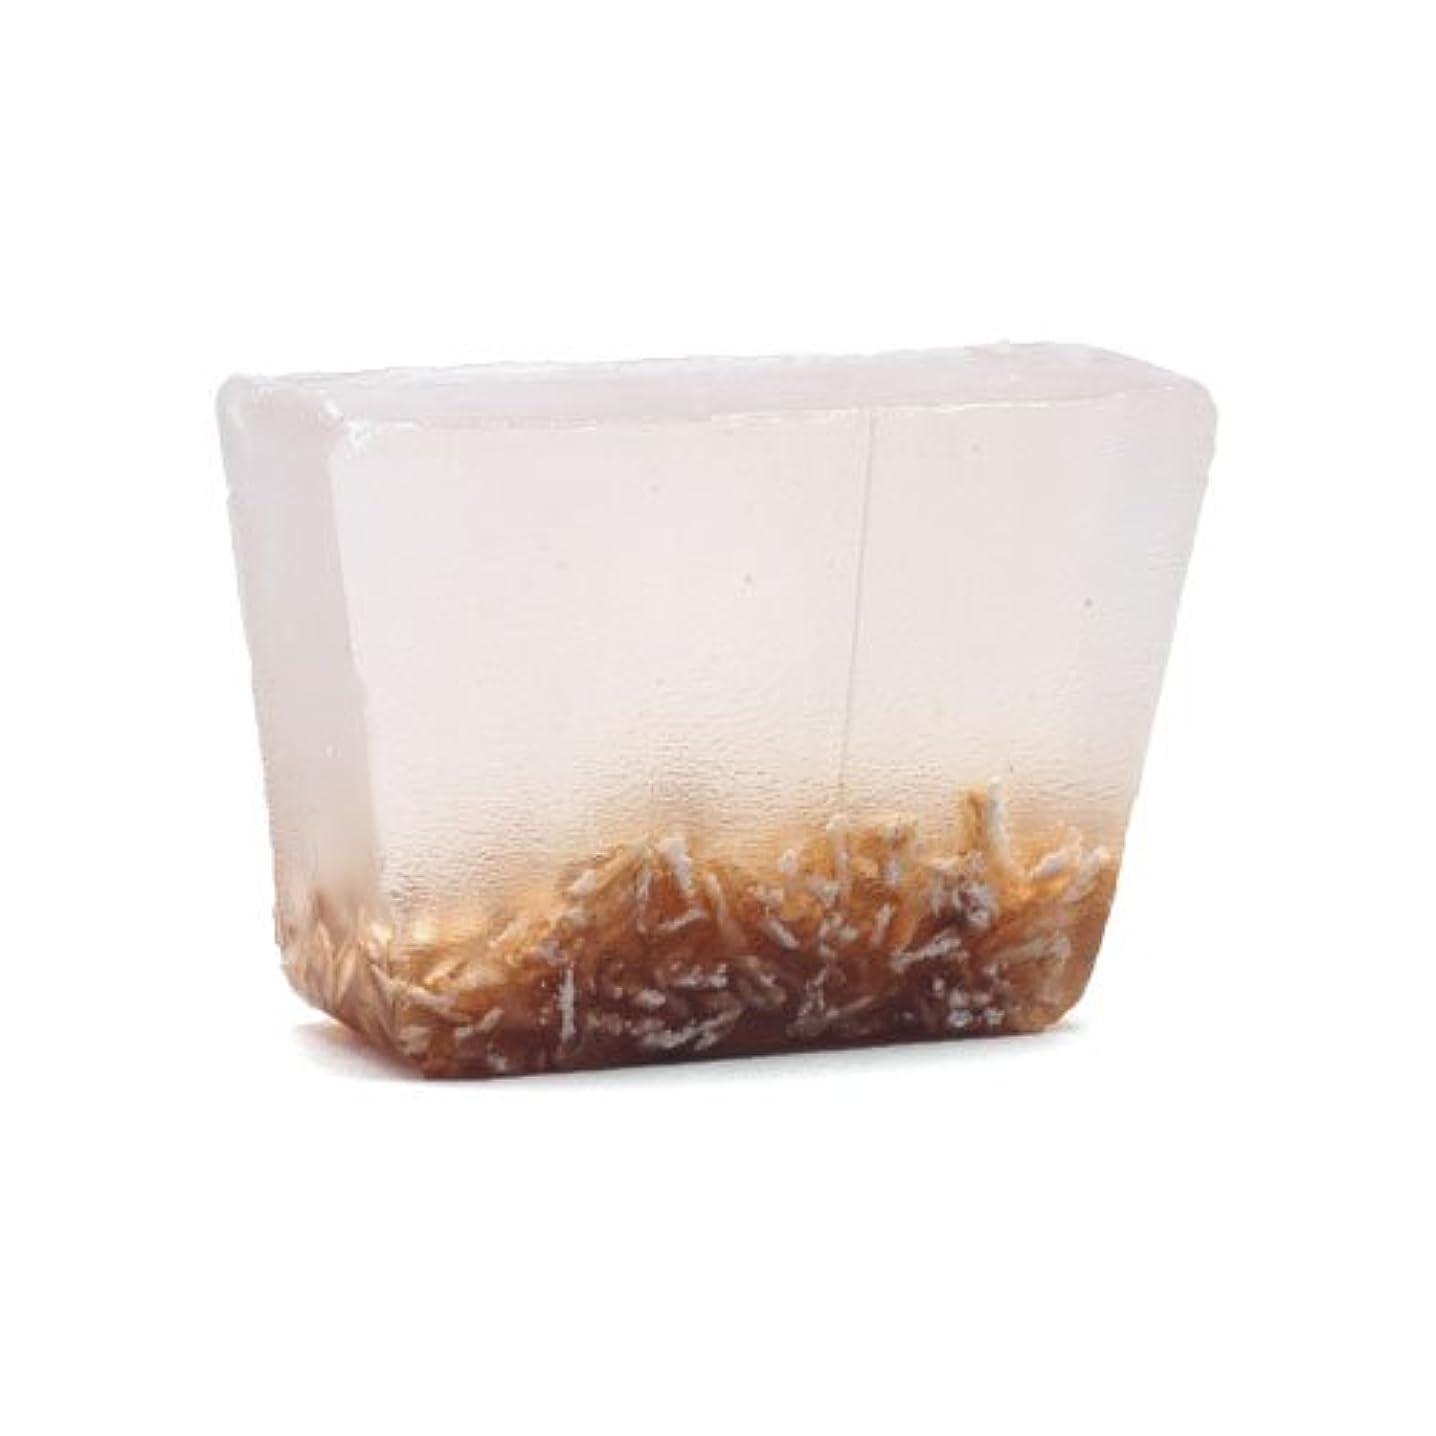 カートリッジガラス底プライモールエレメンツ アロマティック ミニソープ ラベンダーオートミール 80g 植物性 ナチュラル 石鹸 無添加